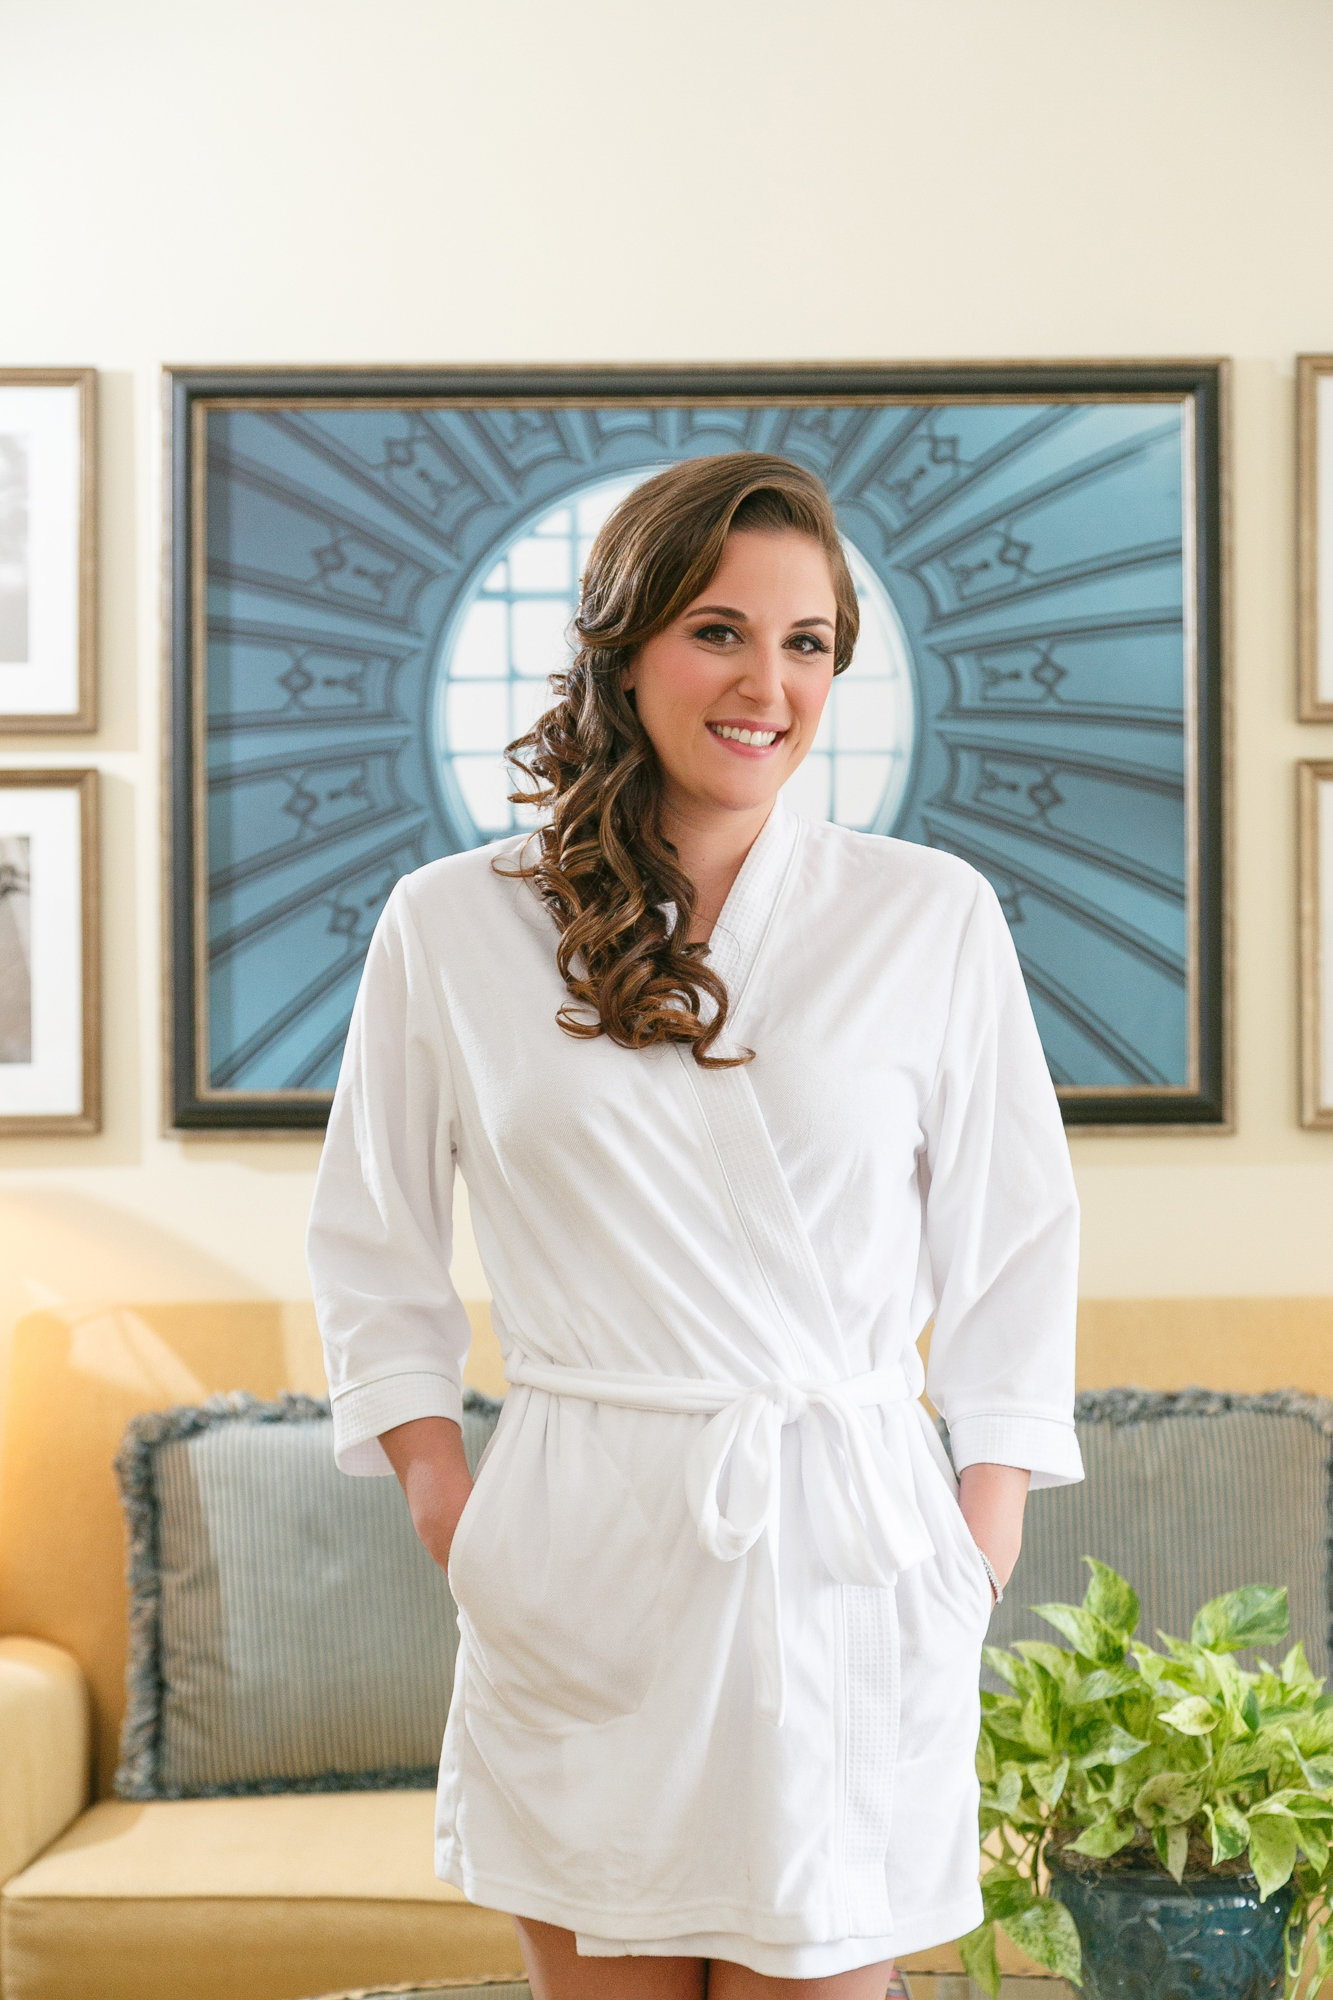 Amanda slammed up in white robe